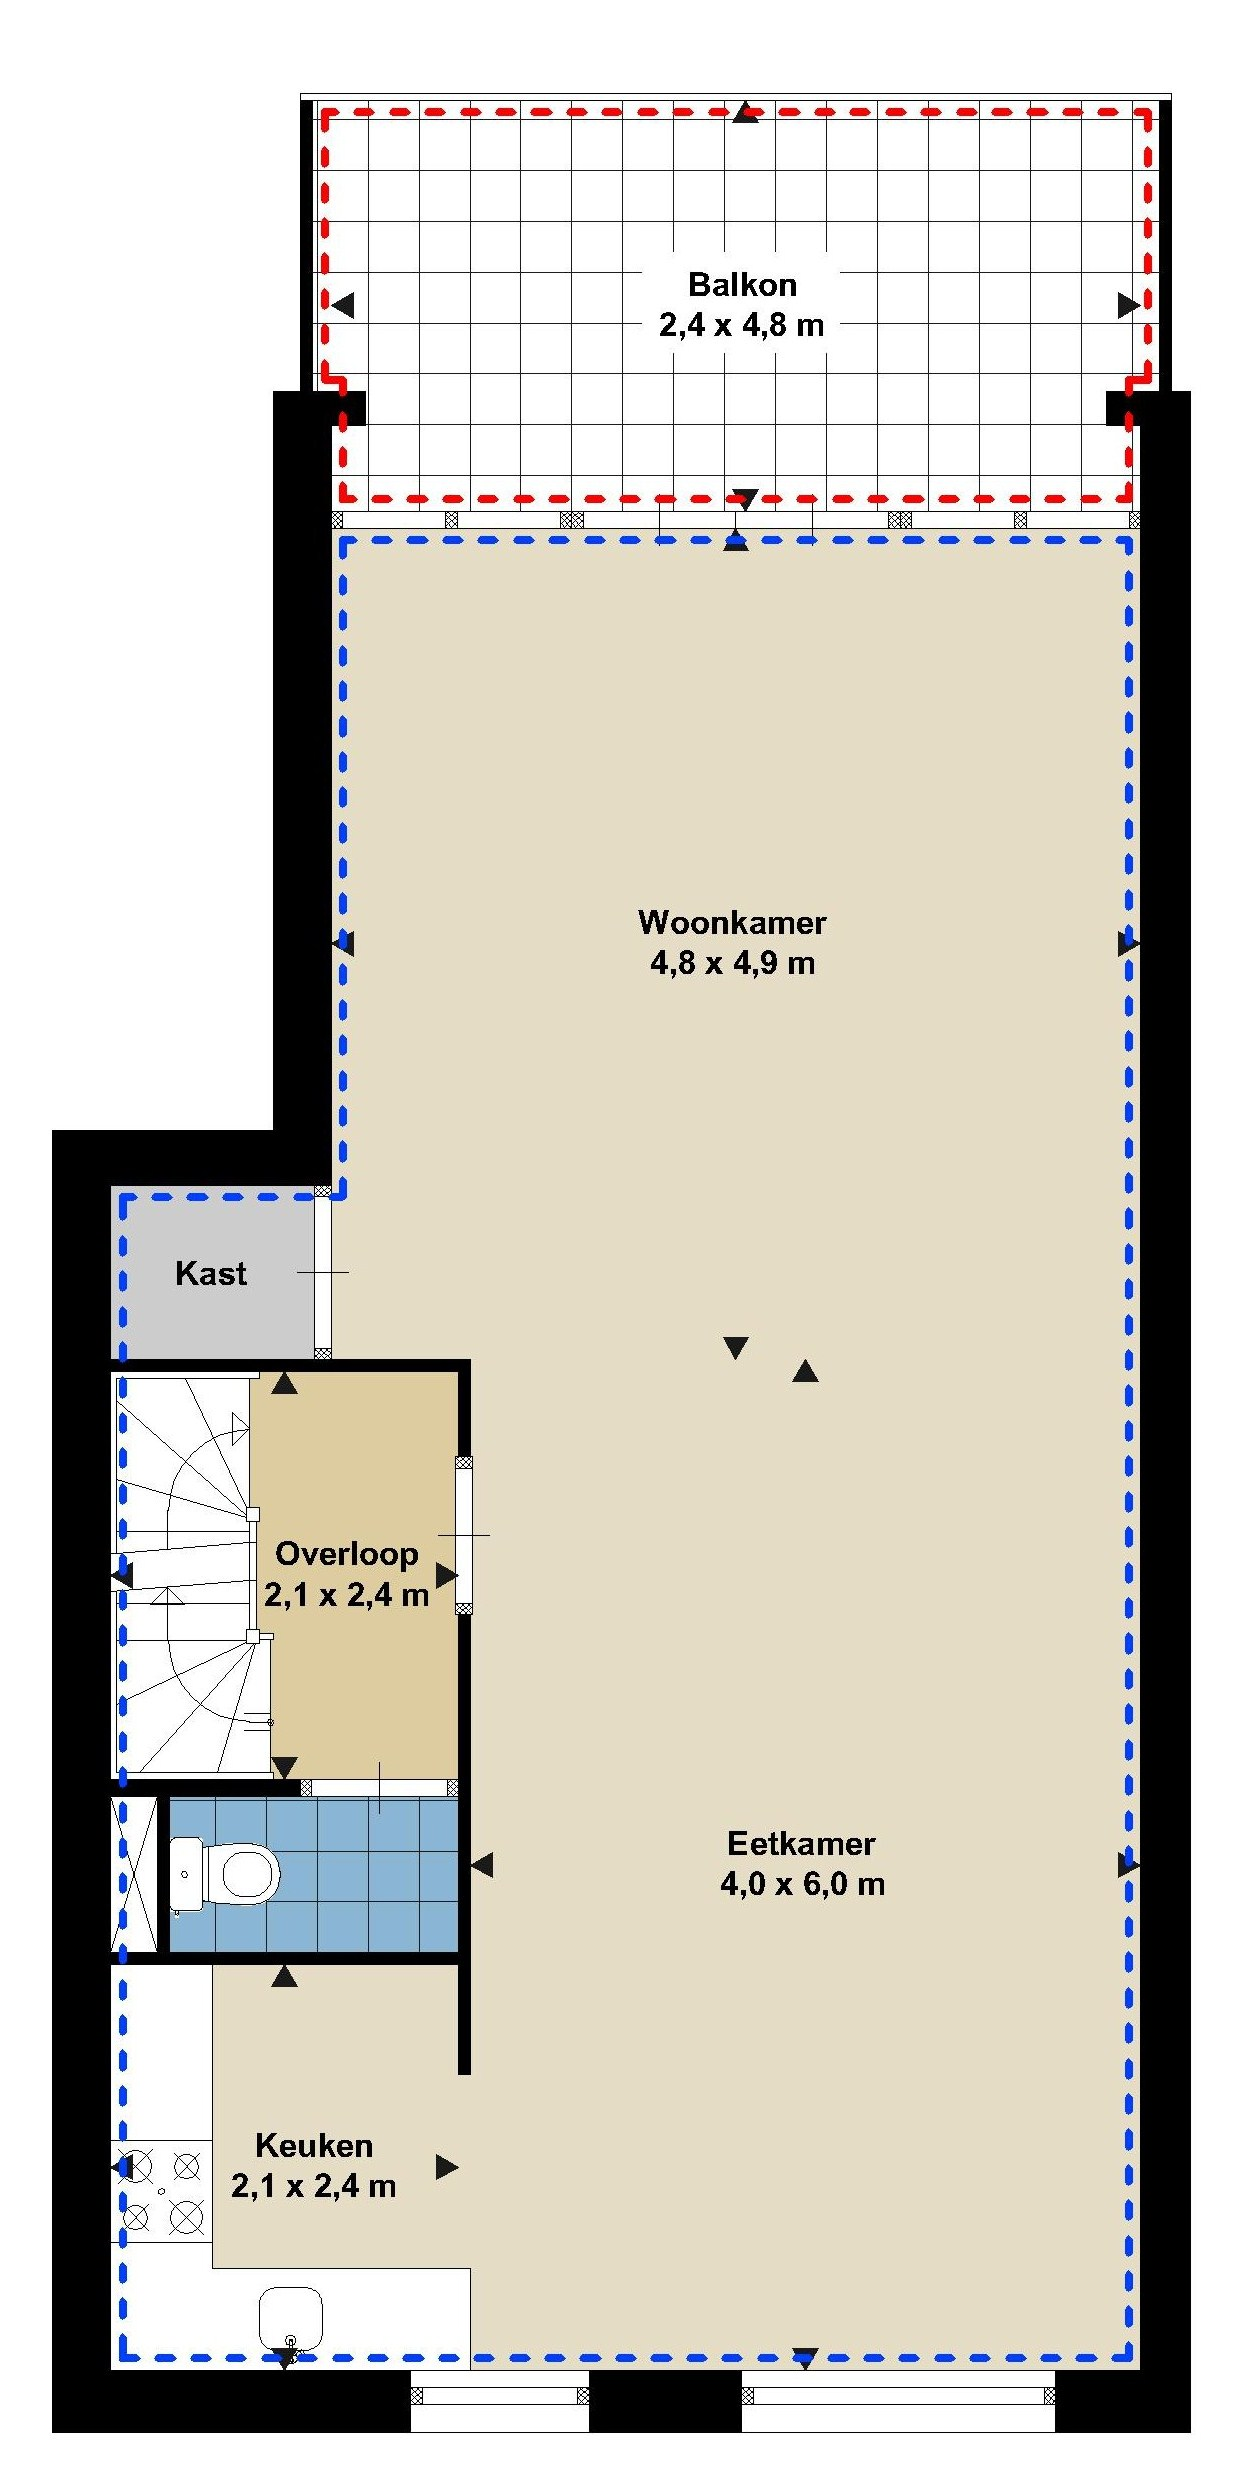 plattegrond huis verkopen